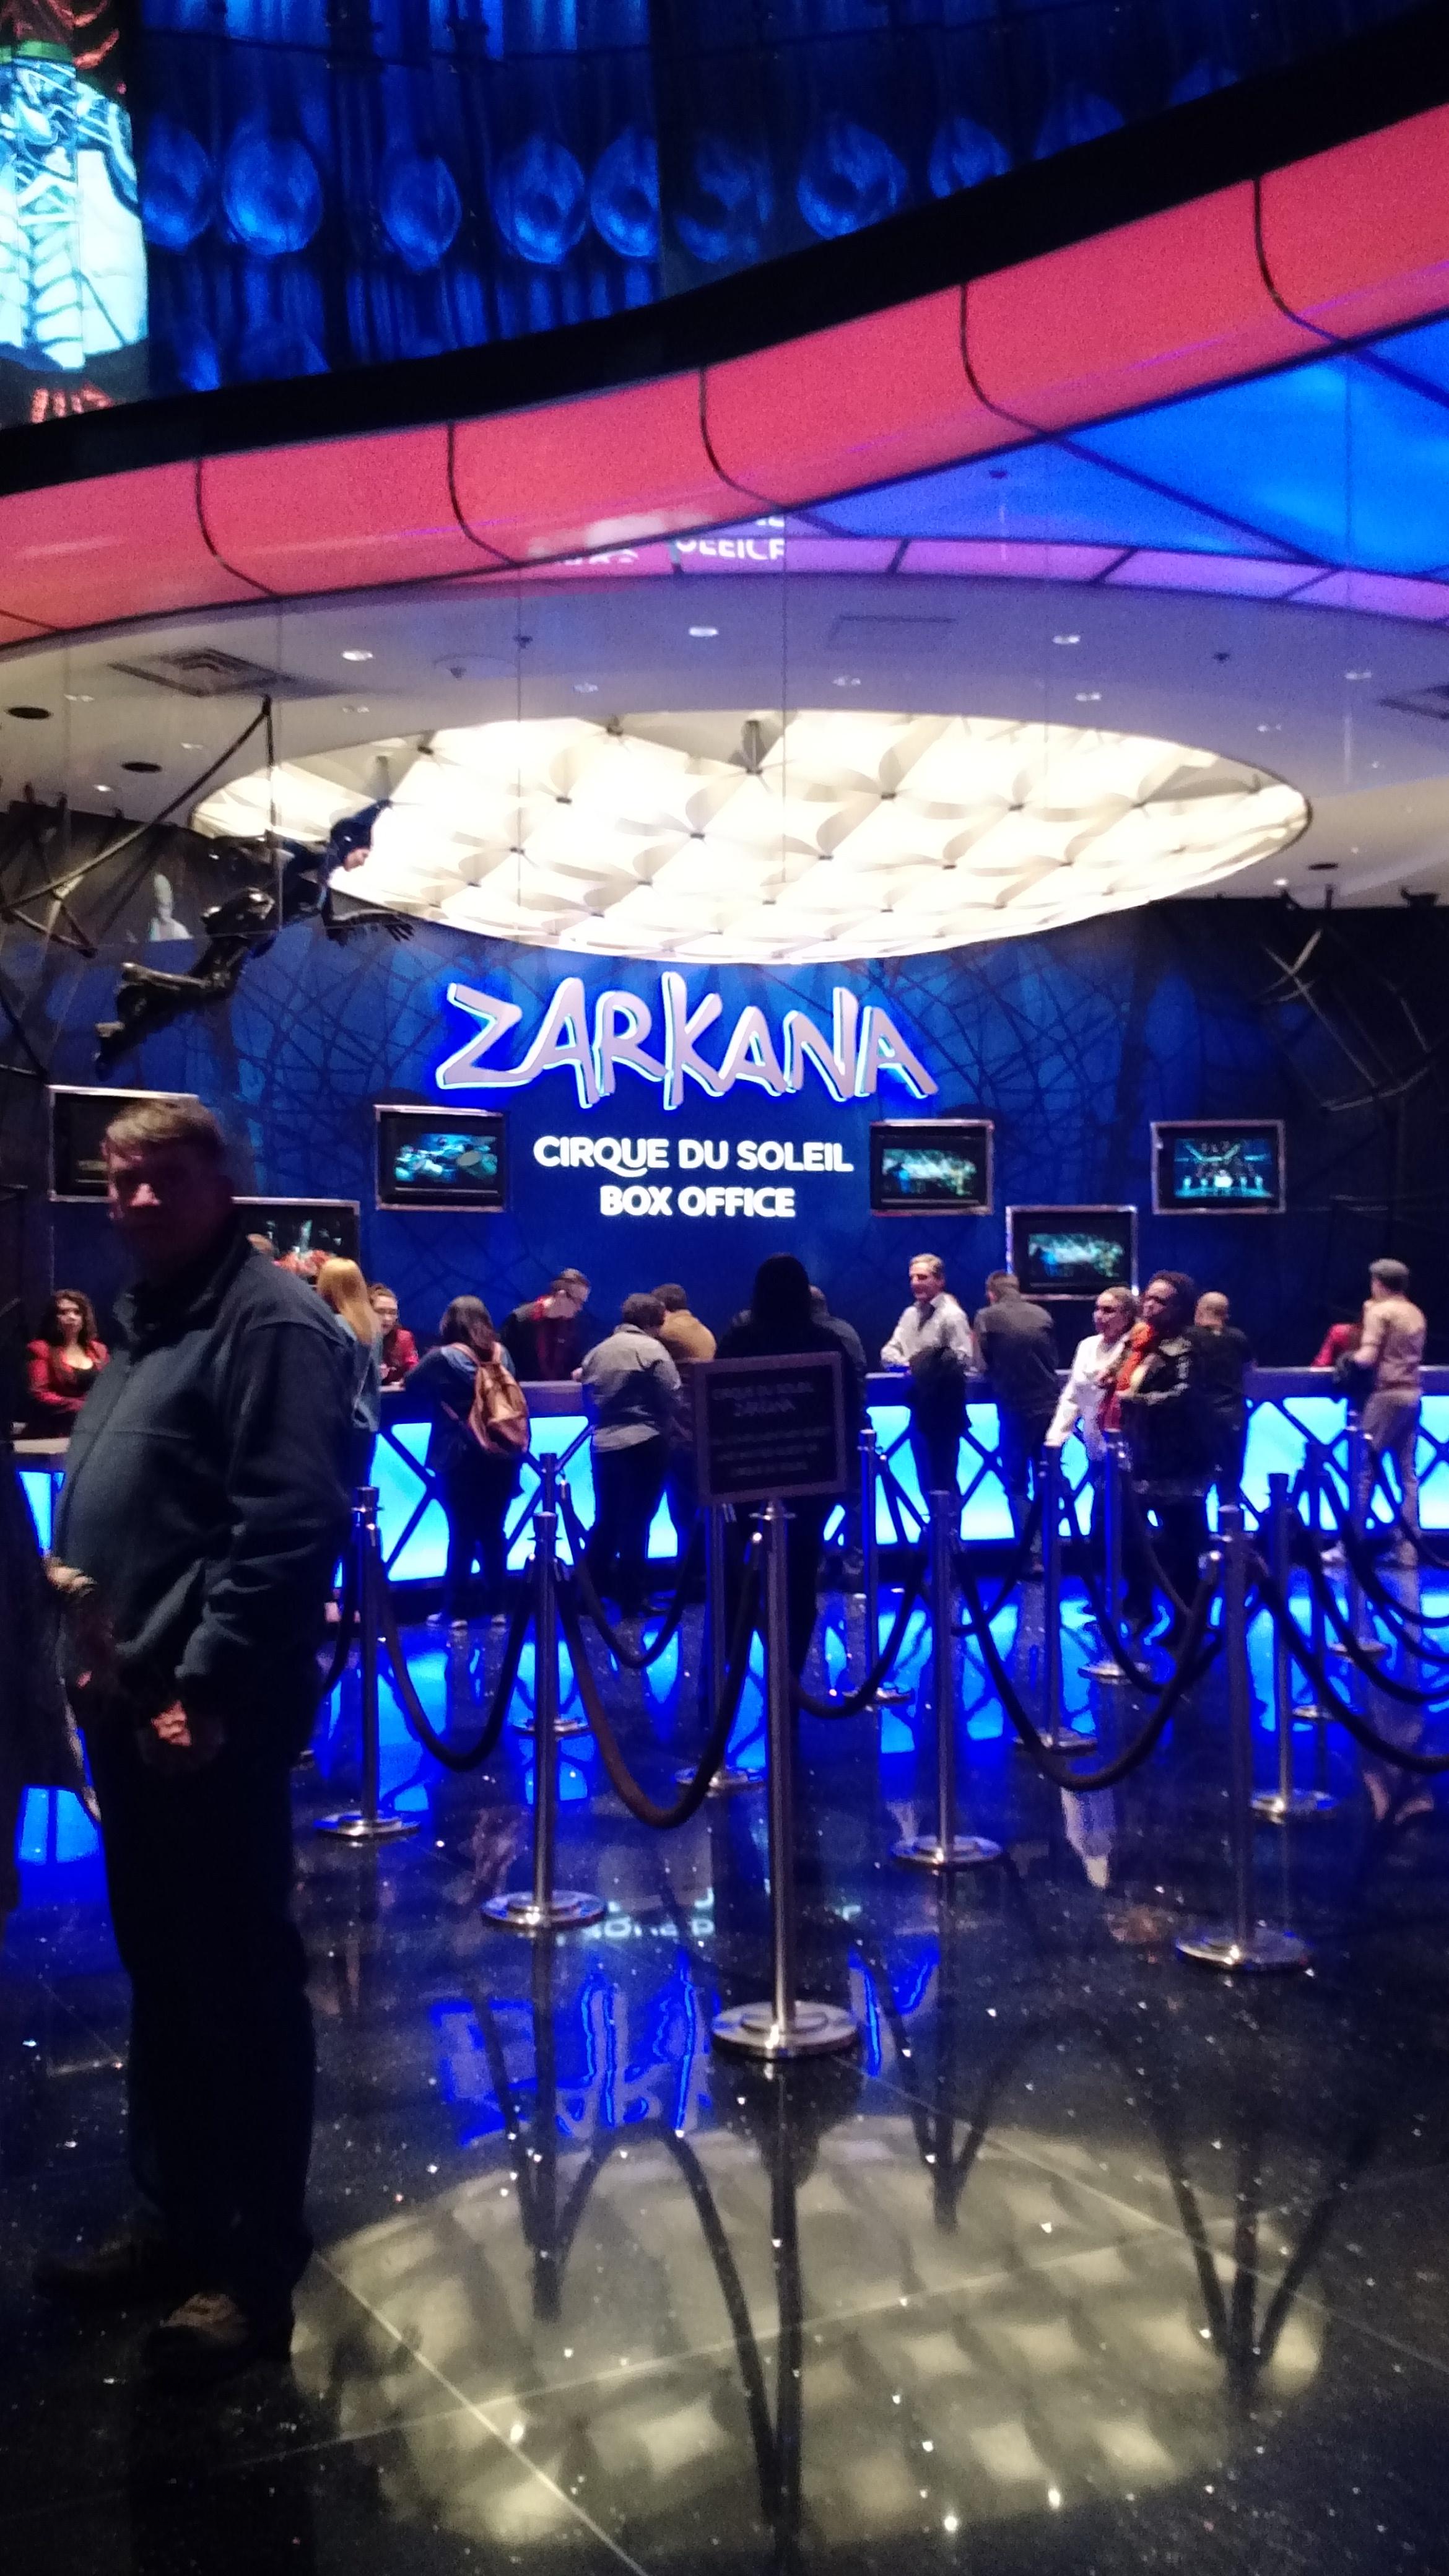 DAY 3 EVENING CIRQUE DU SOLEIL ZARKANA 1